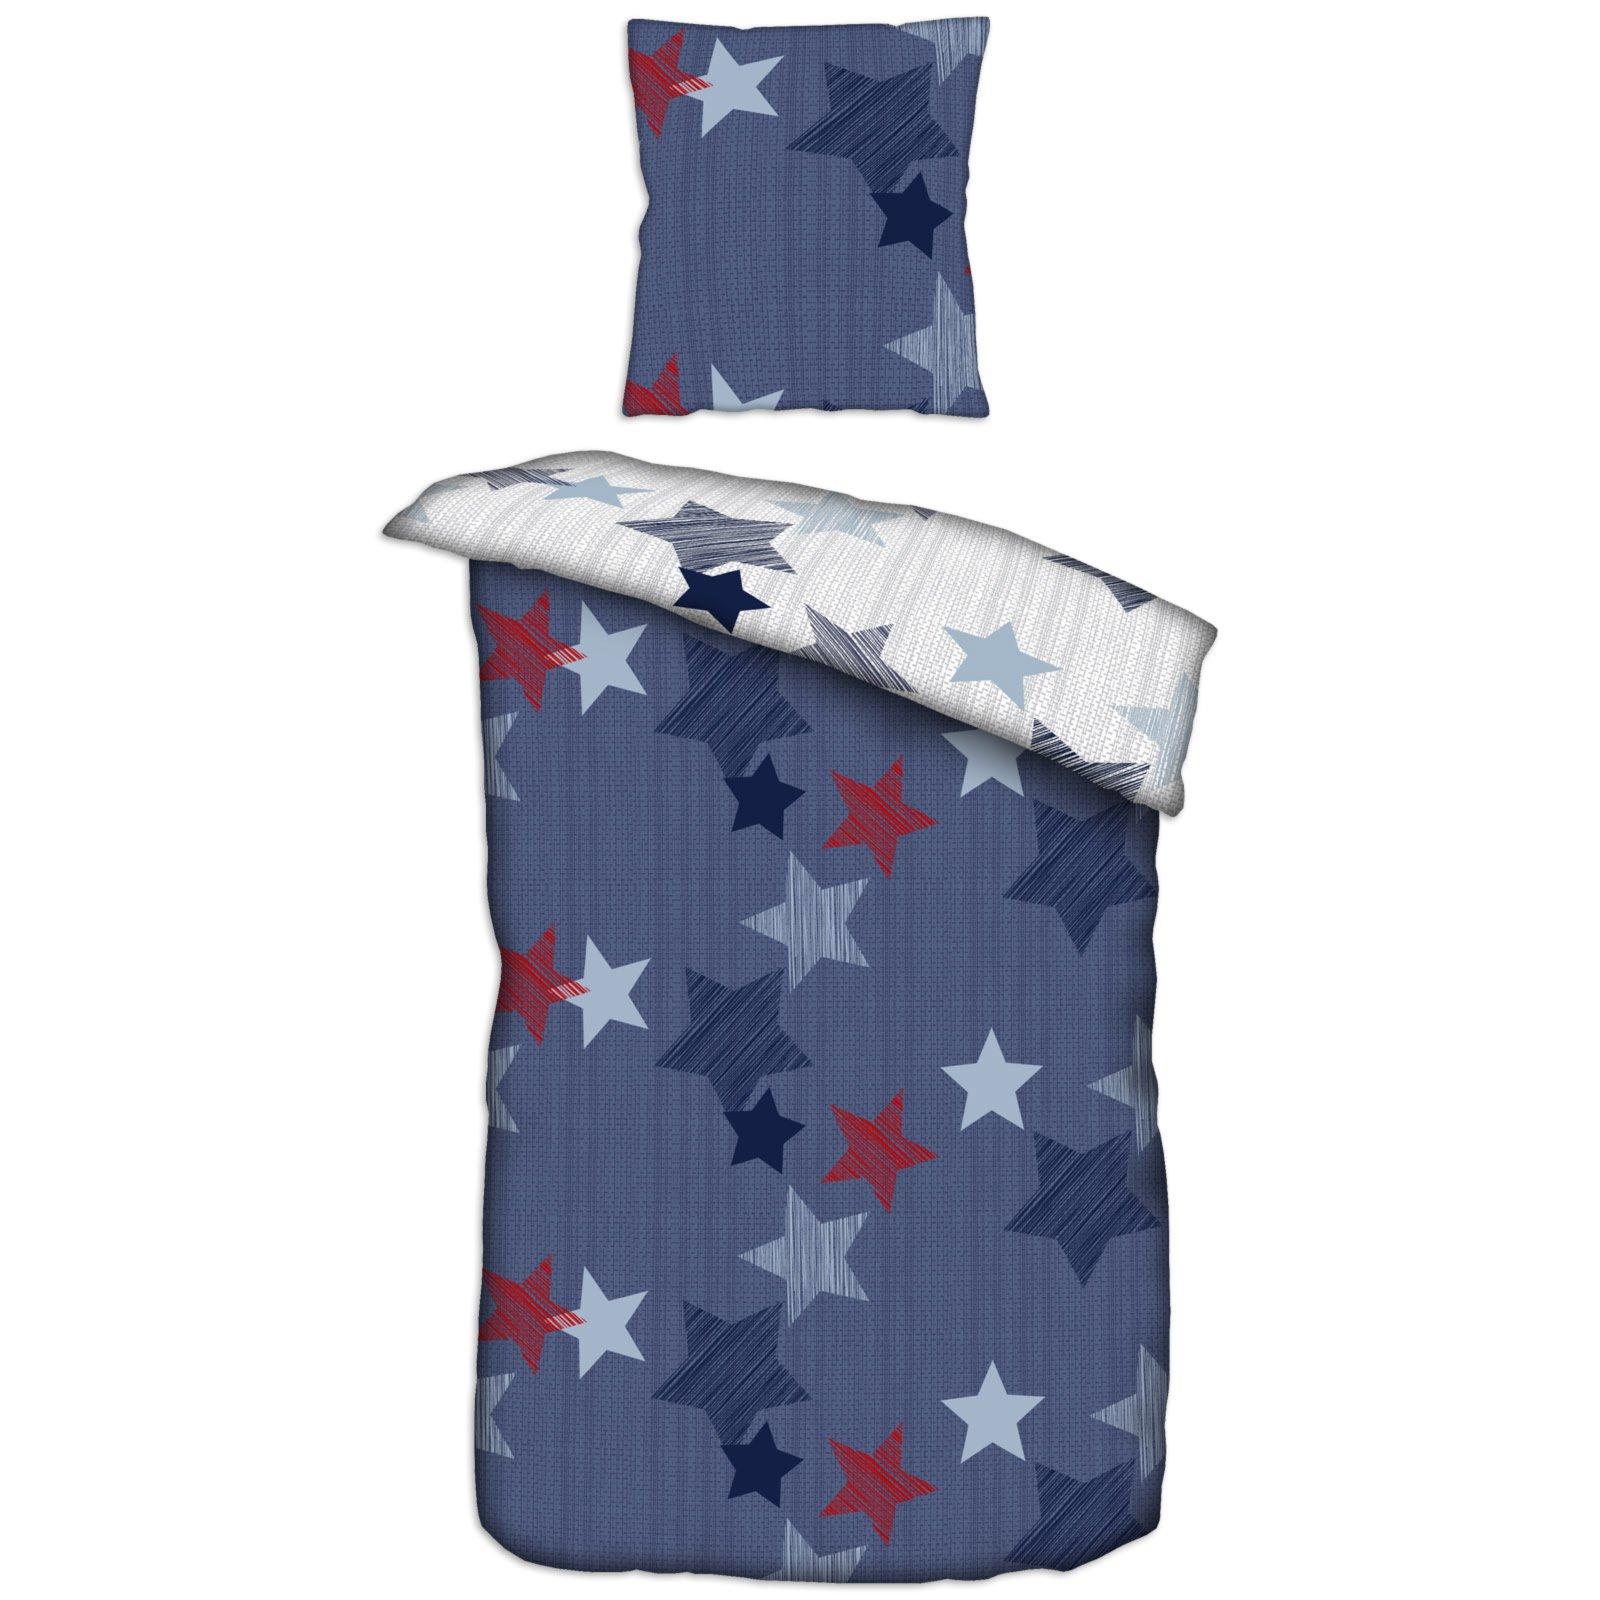 Homara Baumwoll Bettwäsche Blau Rot Sterne 135x200 Cm Online